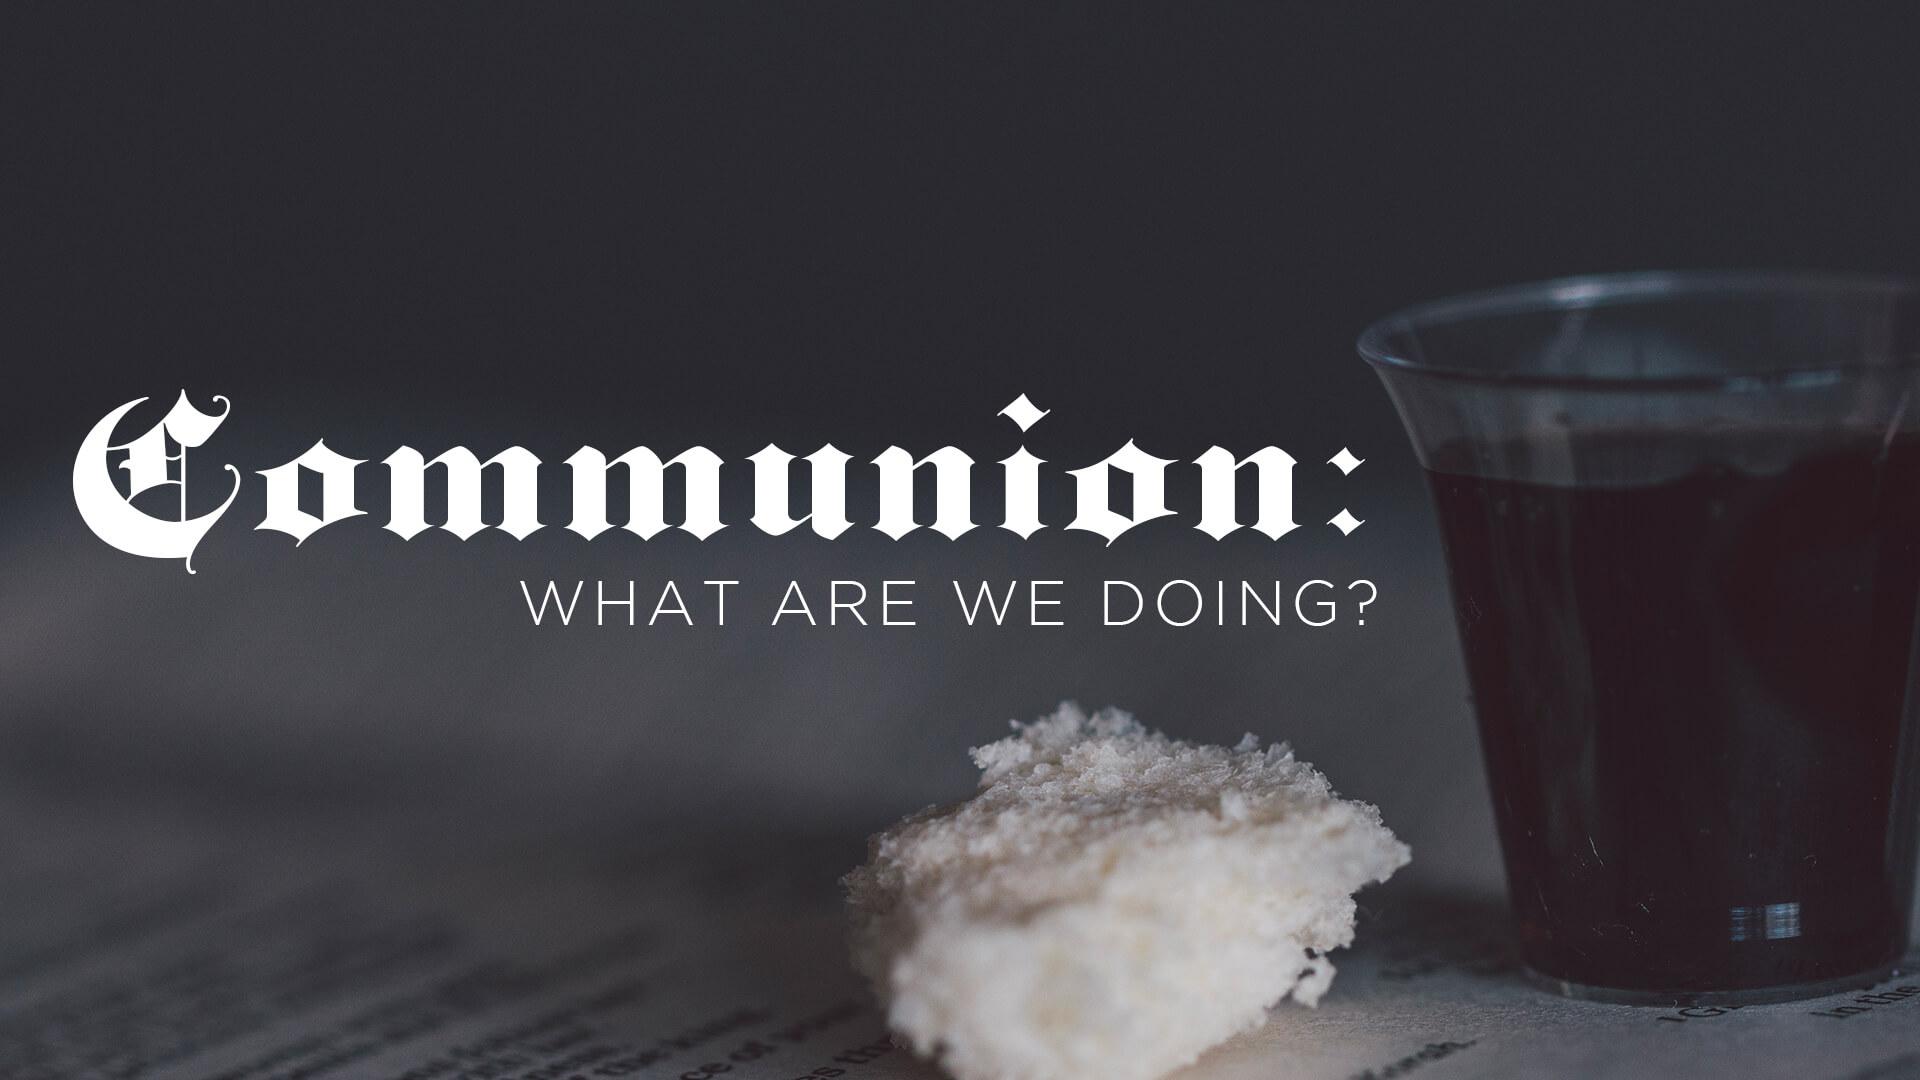 communion - 1920x1080.jpg